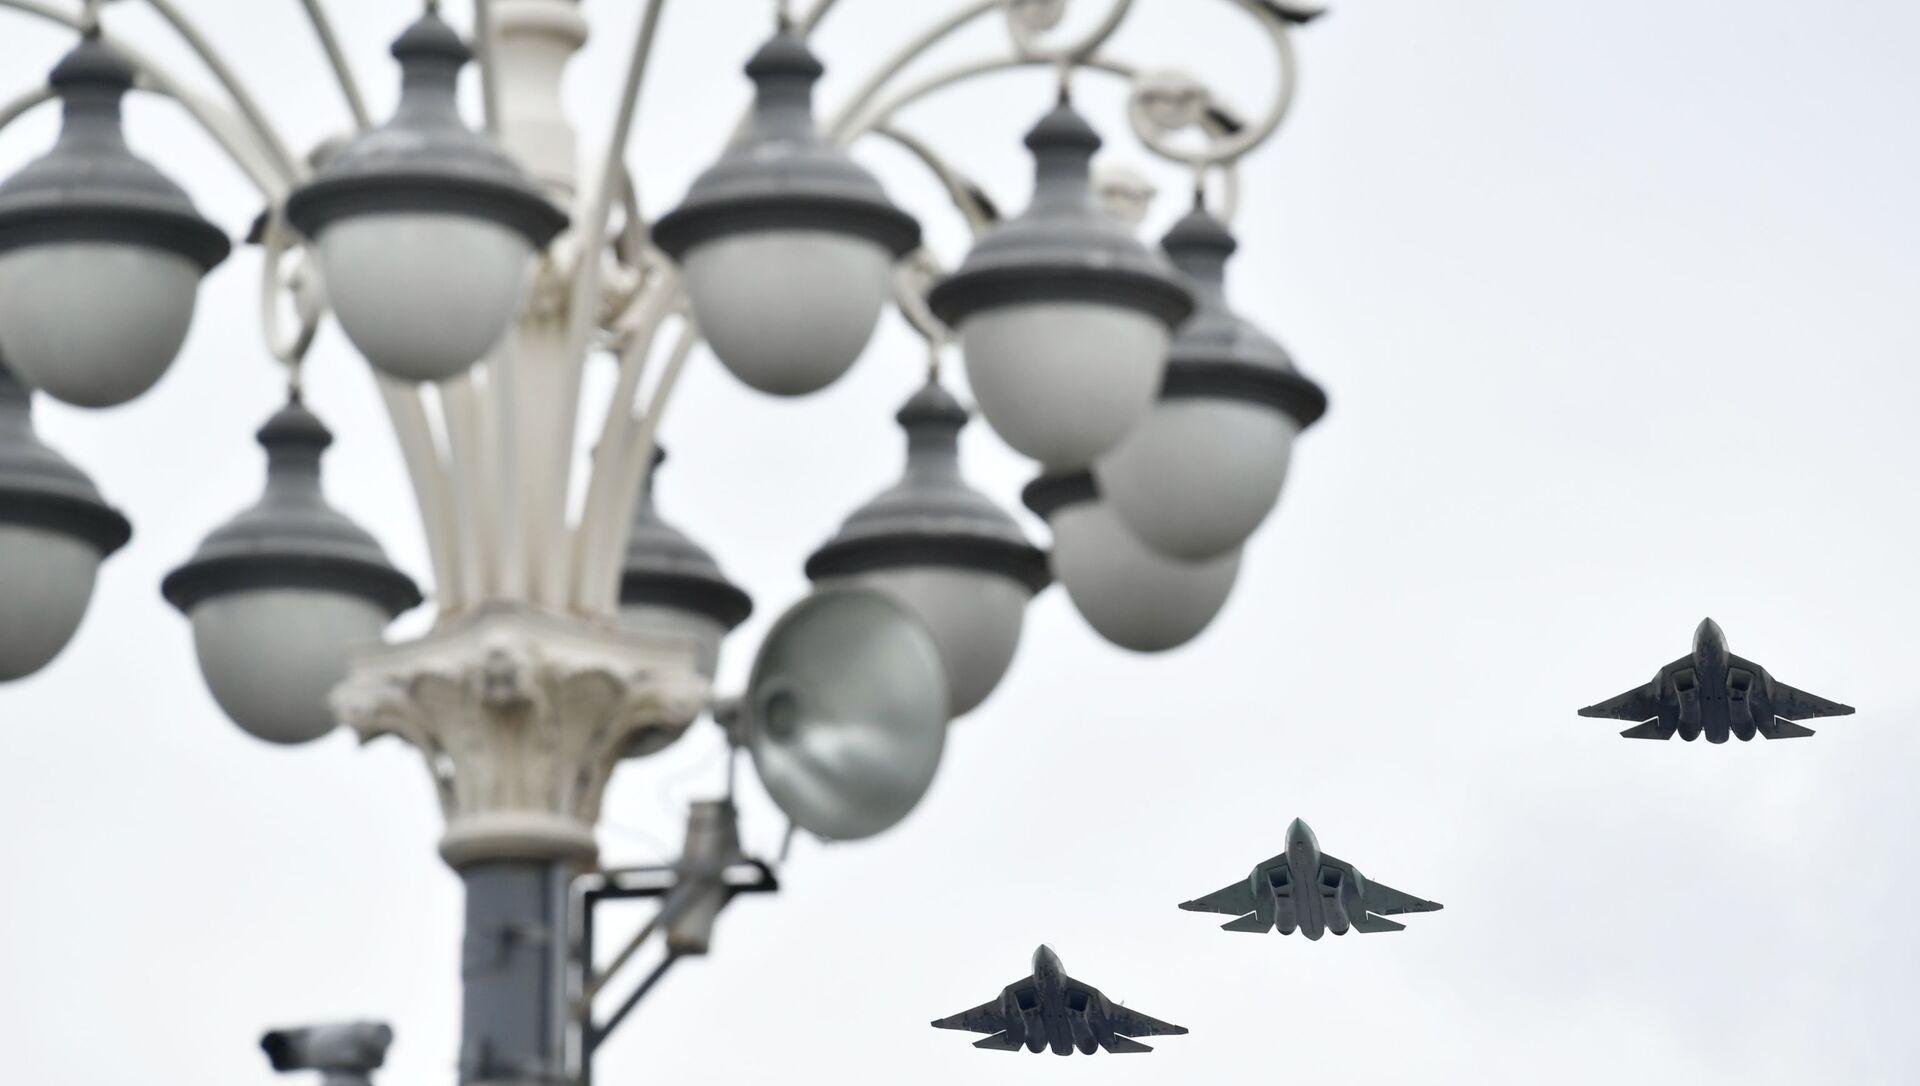 Rus beşinci nesil Su-57 avcı uçakları - Sputnik Türkiye, 1920, 27.07.2021